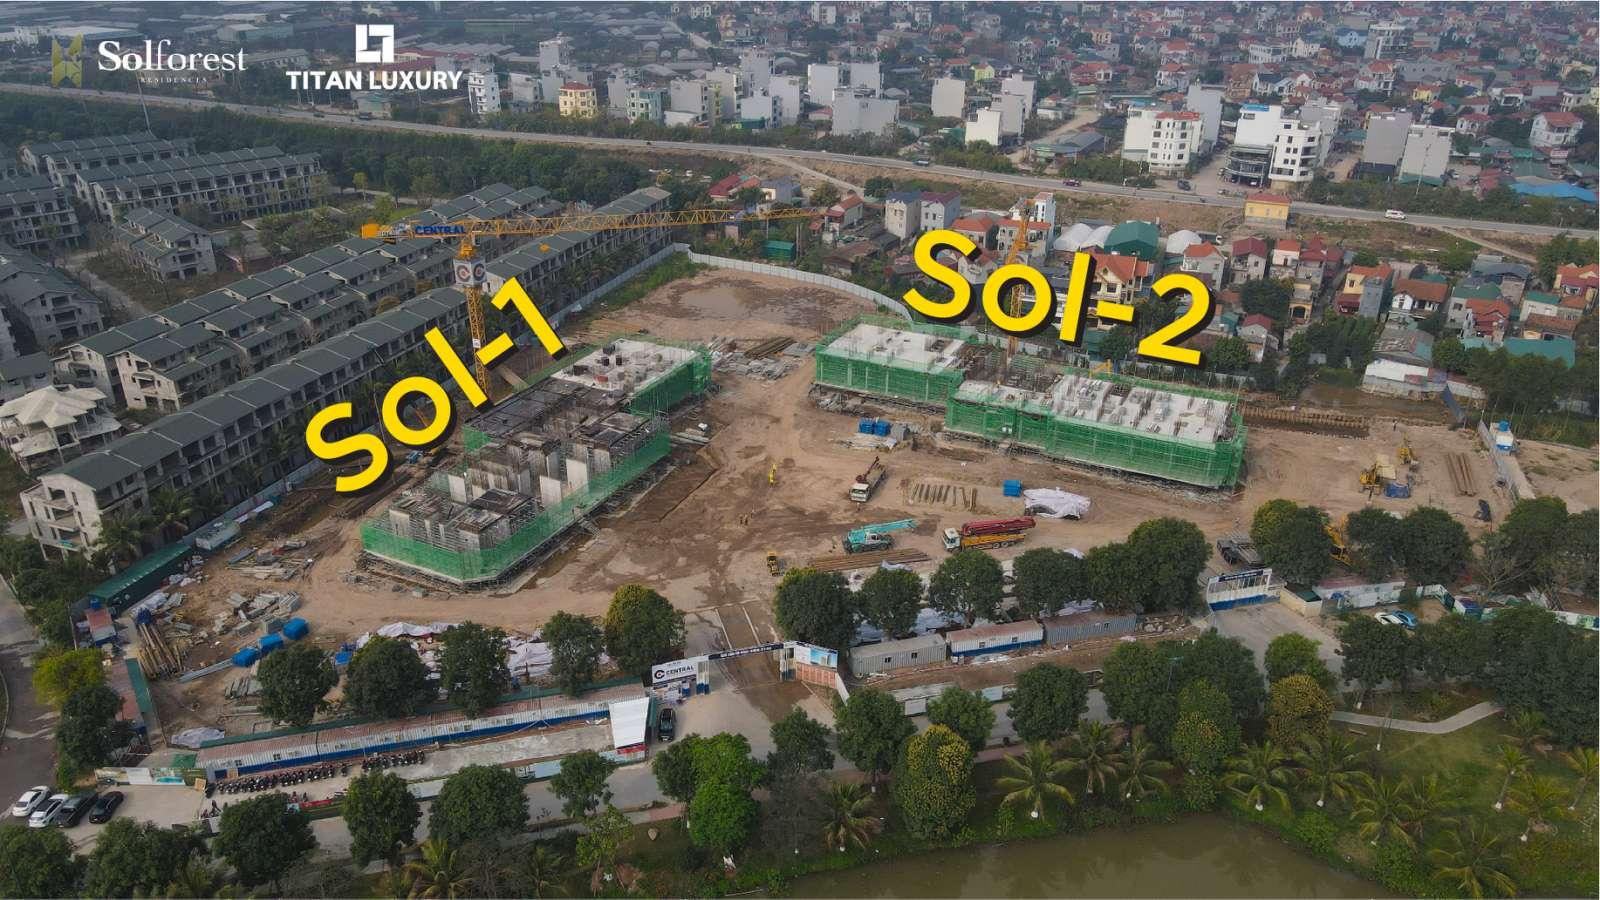 Tính đến tháng 2/2021, 2 tòa tháp xanh Sol Forest đang dần hoàn thiện 2 tầng shop thương mại khối đế